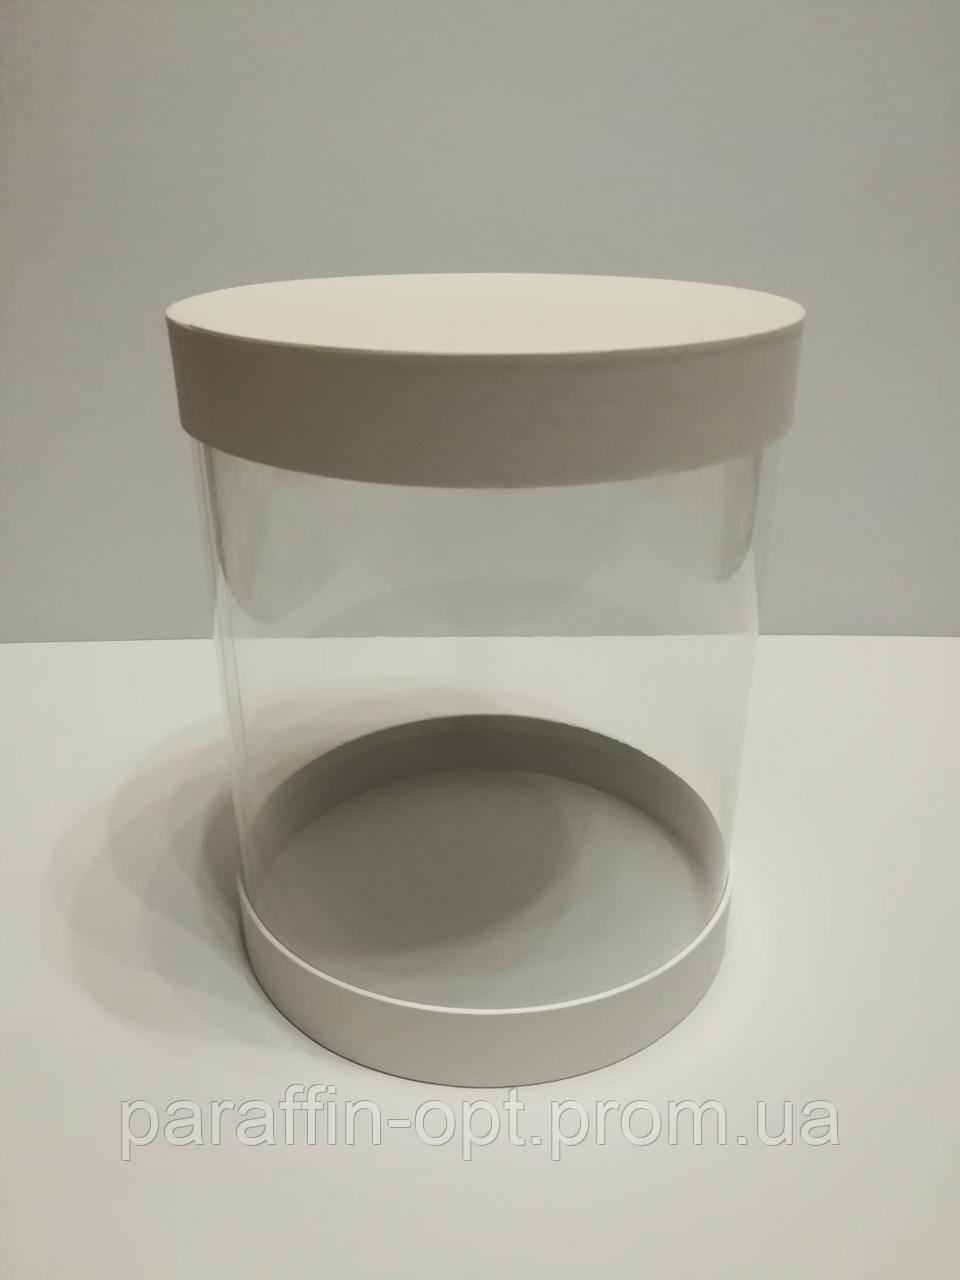 Подарочная коробка в форме шляпы прозрачная цвет - белый